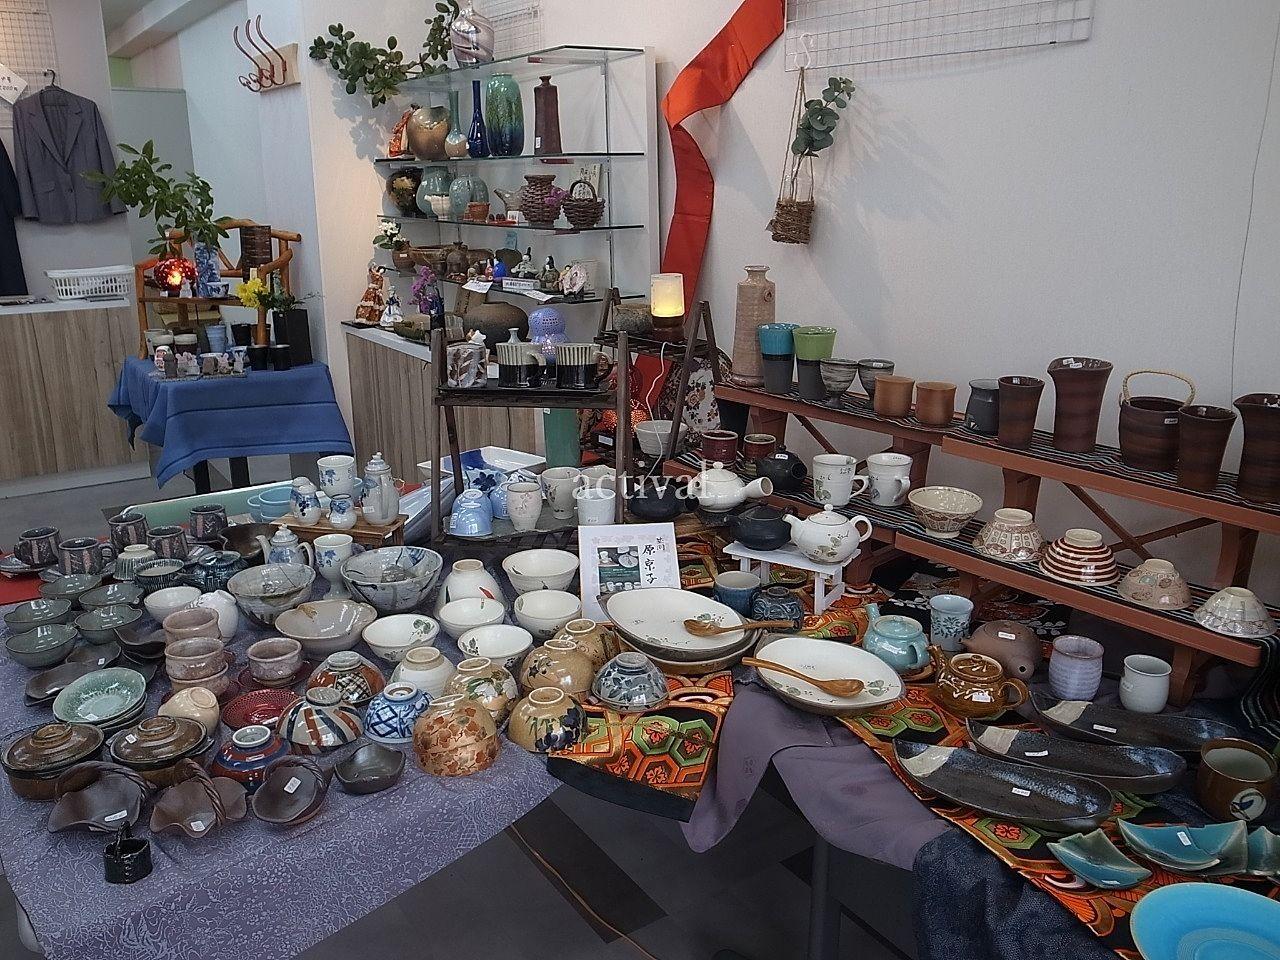 ア・ス・ヴェルデ「週貸店舗」での陶器の販売・展示です。